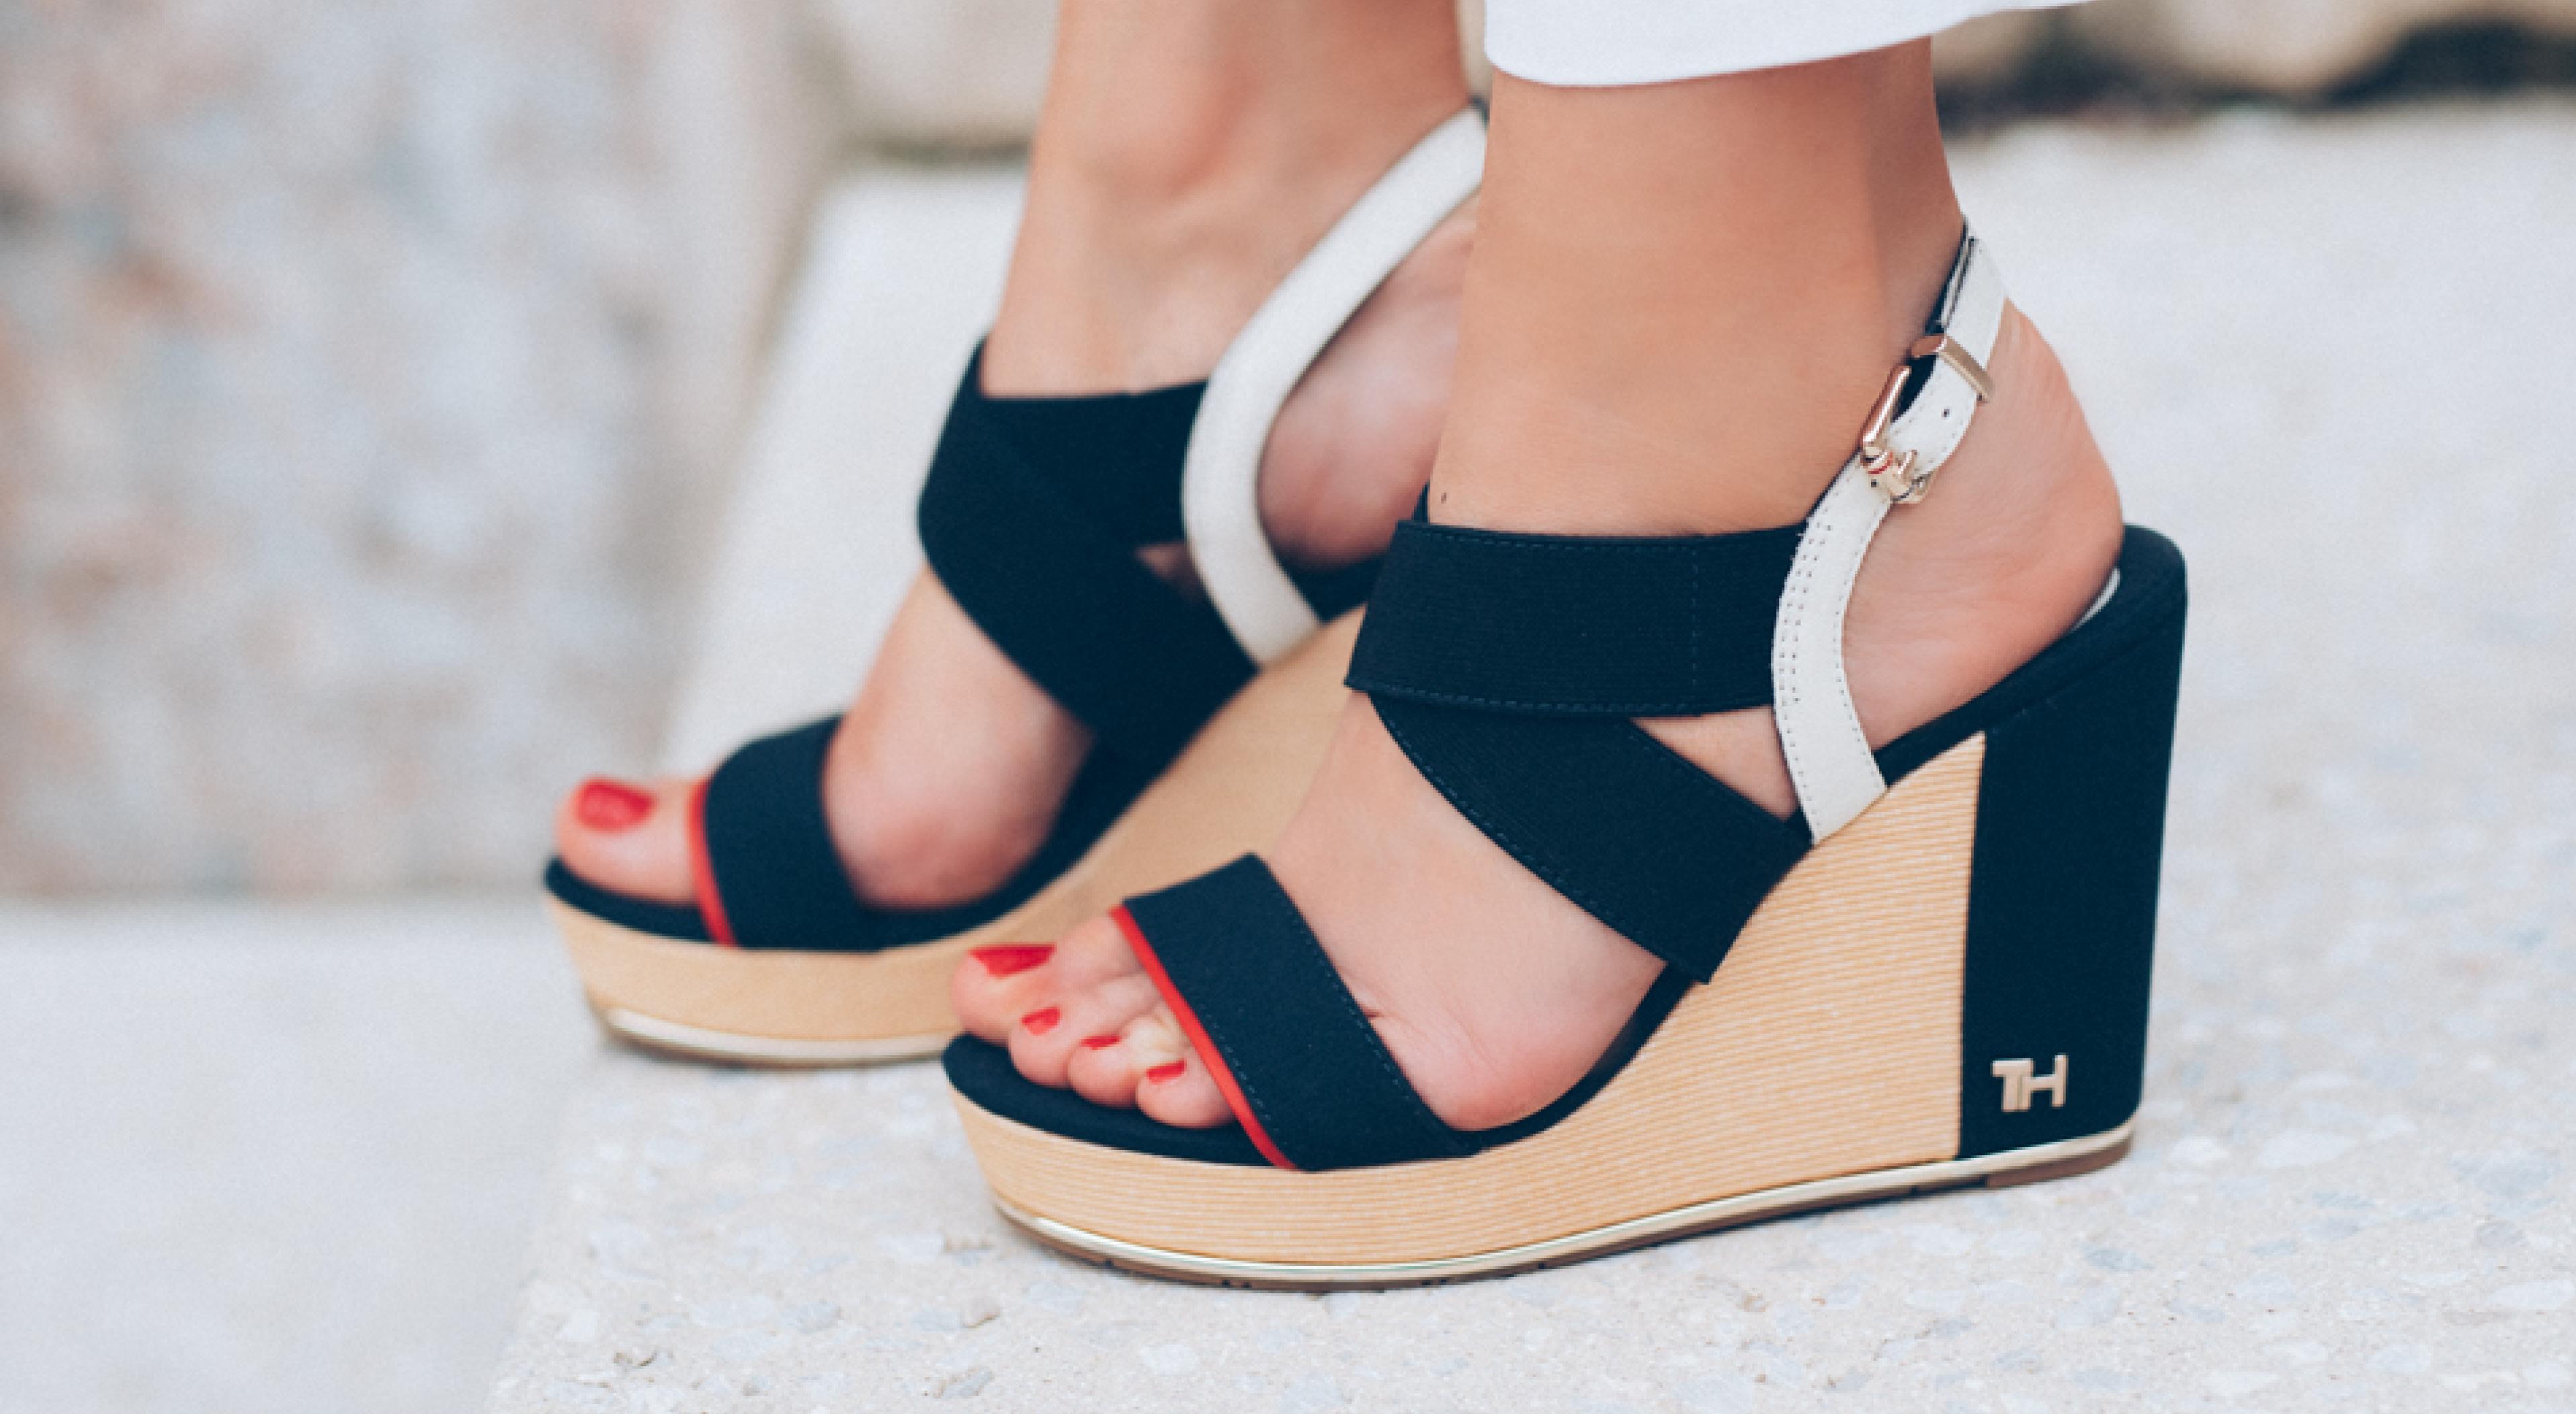 Udobni čevlji z visoko peto